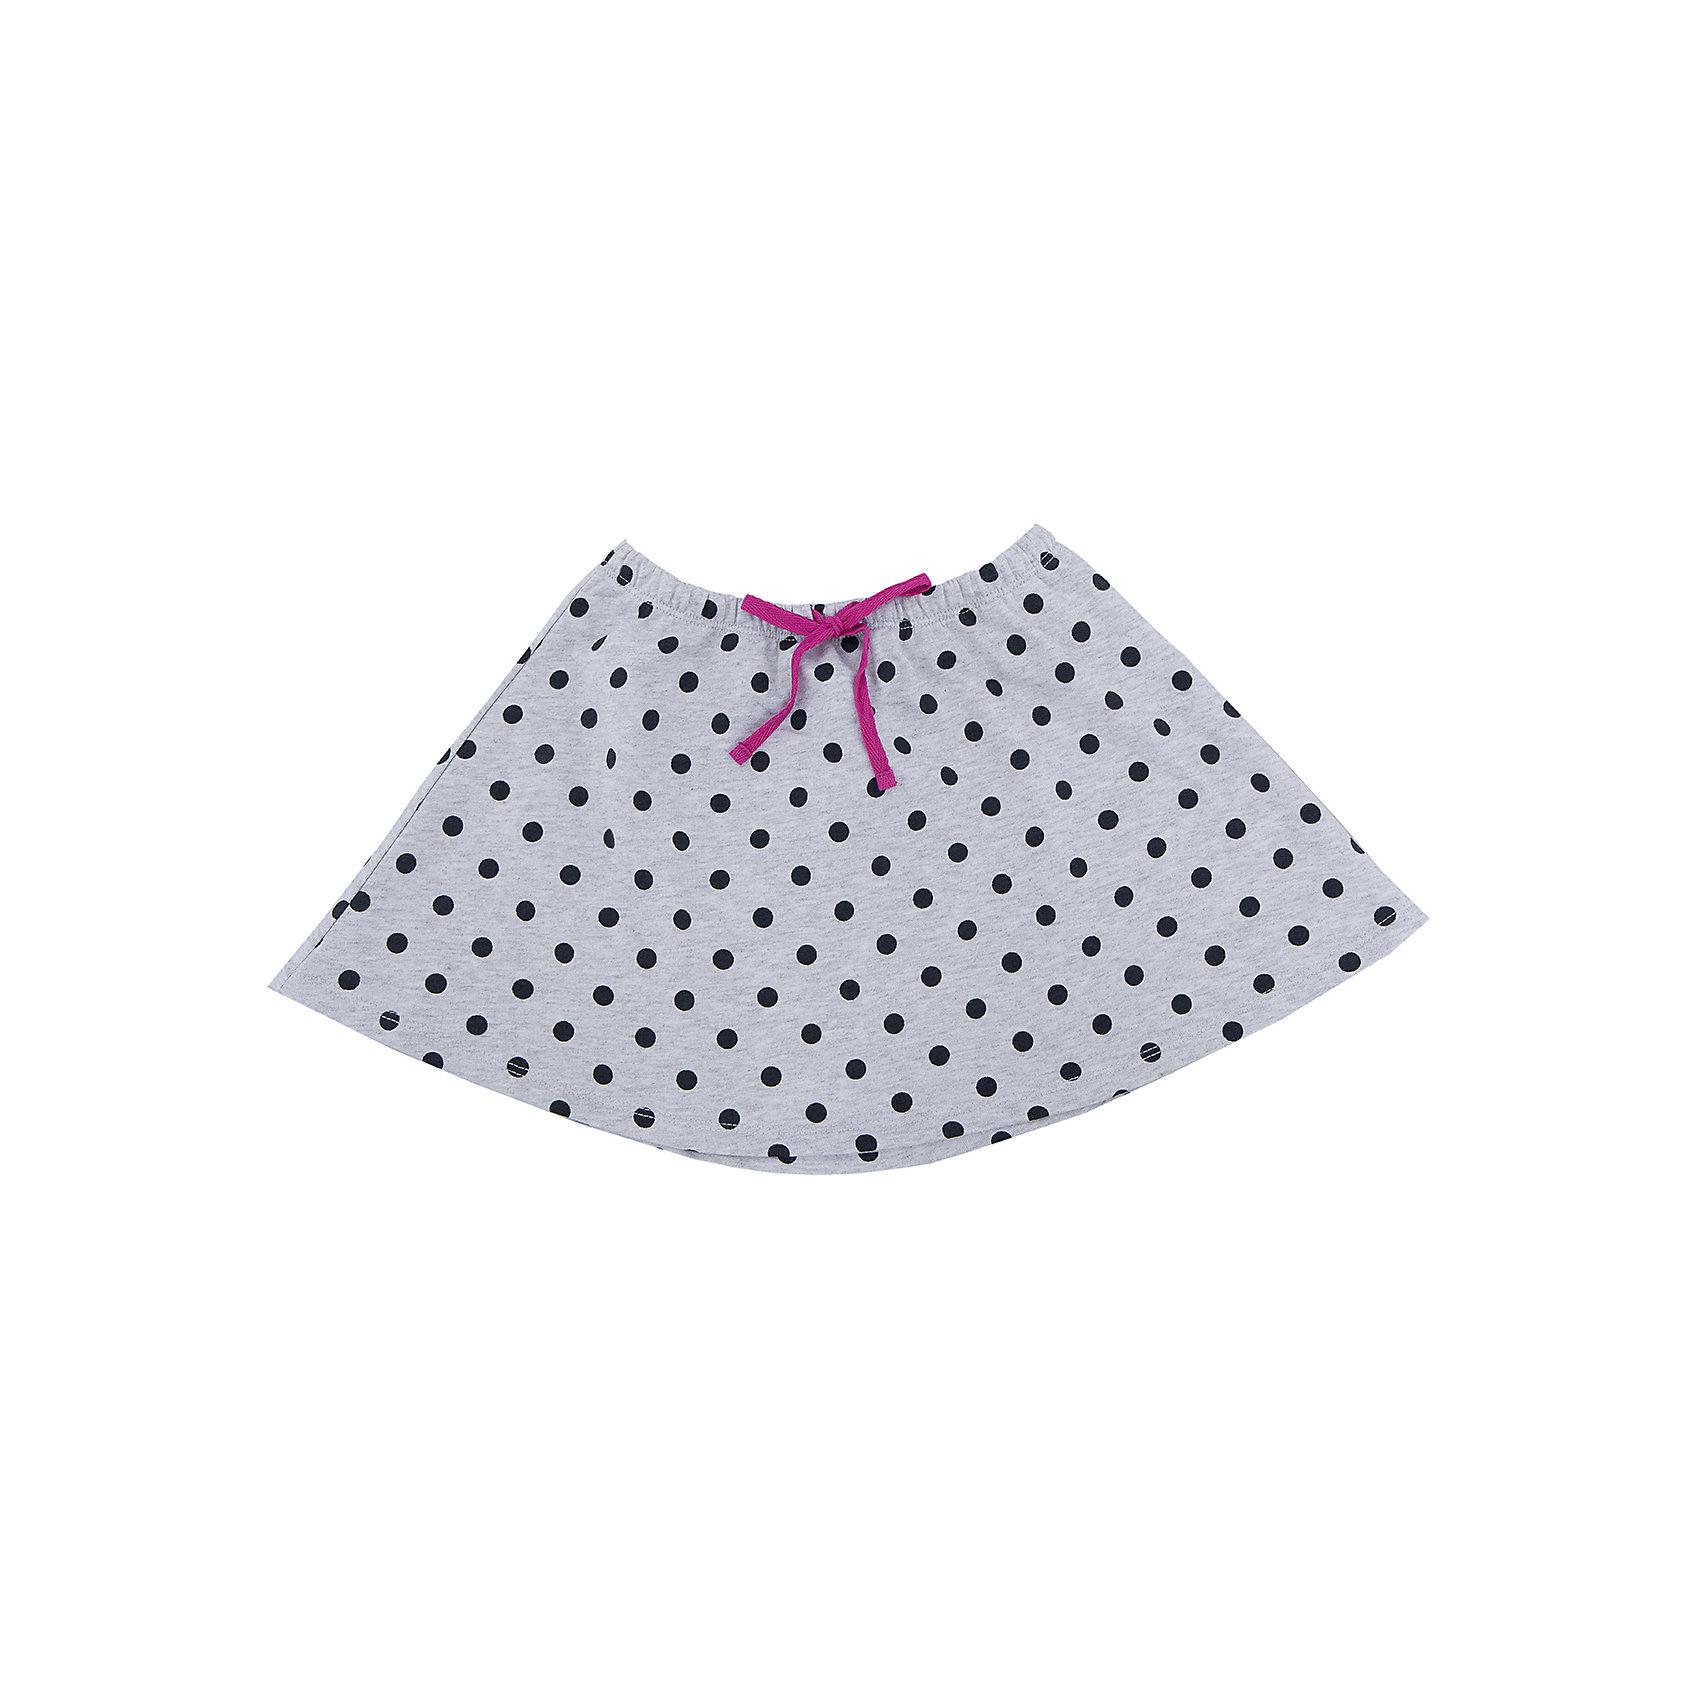 Юбка для девочки SELAЮбка для девочки из коллекции осень-зима 2016-2017 от известного бренда SELA. Удобная светло-серая юбка в черный горох на каждый день. У юбки яркий розовый шнурок, который позволяет регулировать эластичную резинку. К этой юбке подойдут как футболки, так и блузки.<br><br>Дополнительная информация:<br>- Длина: выше колен<br>- Силуэт: расширенный к низу<br>Состав: 60% хлопок, 40% ПЭ<br><br>Юбку для девочек Sela можно купить в нашем интернет-магазине.<br><br>Подробнее:<br>• Для детей в возрасте: от 2 до 6 лет<br>• Номер товара: 4913346<br>Страна производитель: Китай<br><br>Ширина мм: 207<br>Глубина мм: 10<br>Высота мм: 189<br>Вес г: 183<br>Цвет: серый<br>Возраст от месяцев: 24<br>Возраст до месяцев: 36<br>Пол: Женский<br>Возраст: Детский<br>Размер: 98,110,116,104<br>SKU: 4913345